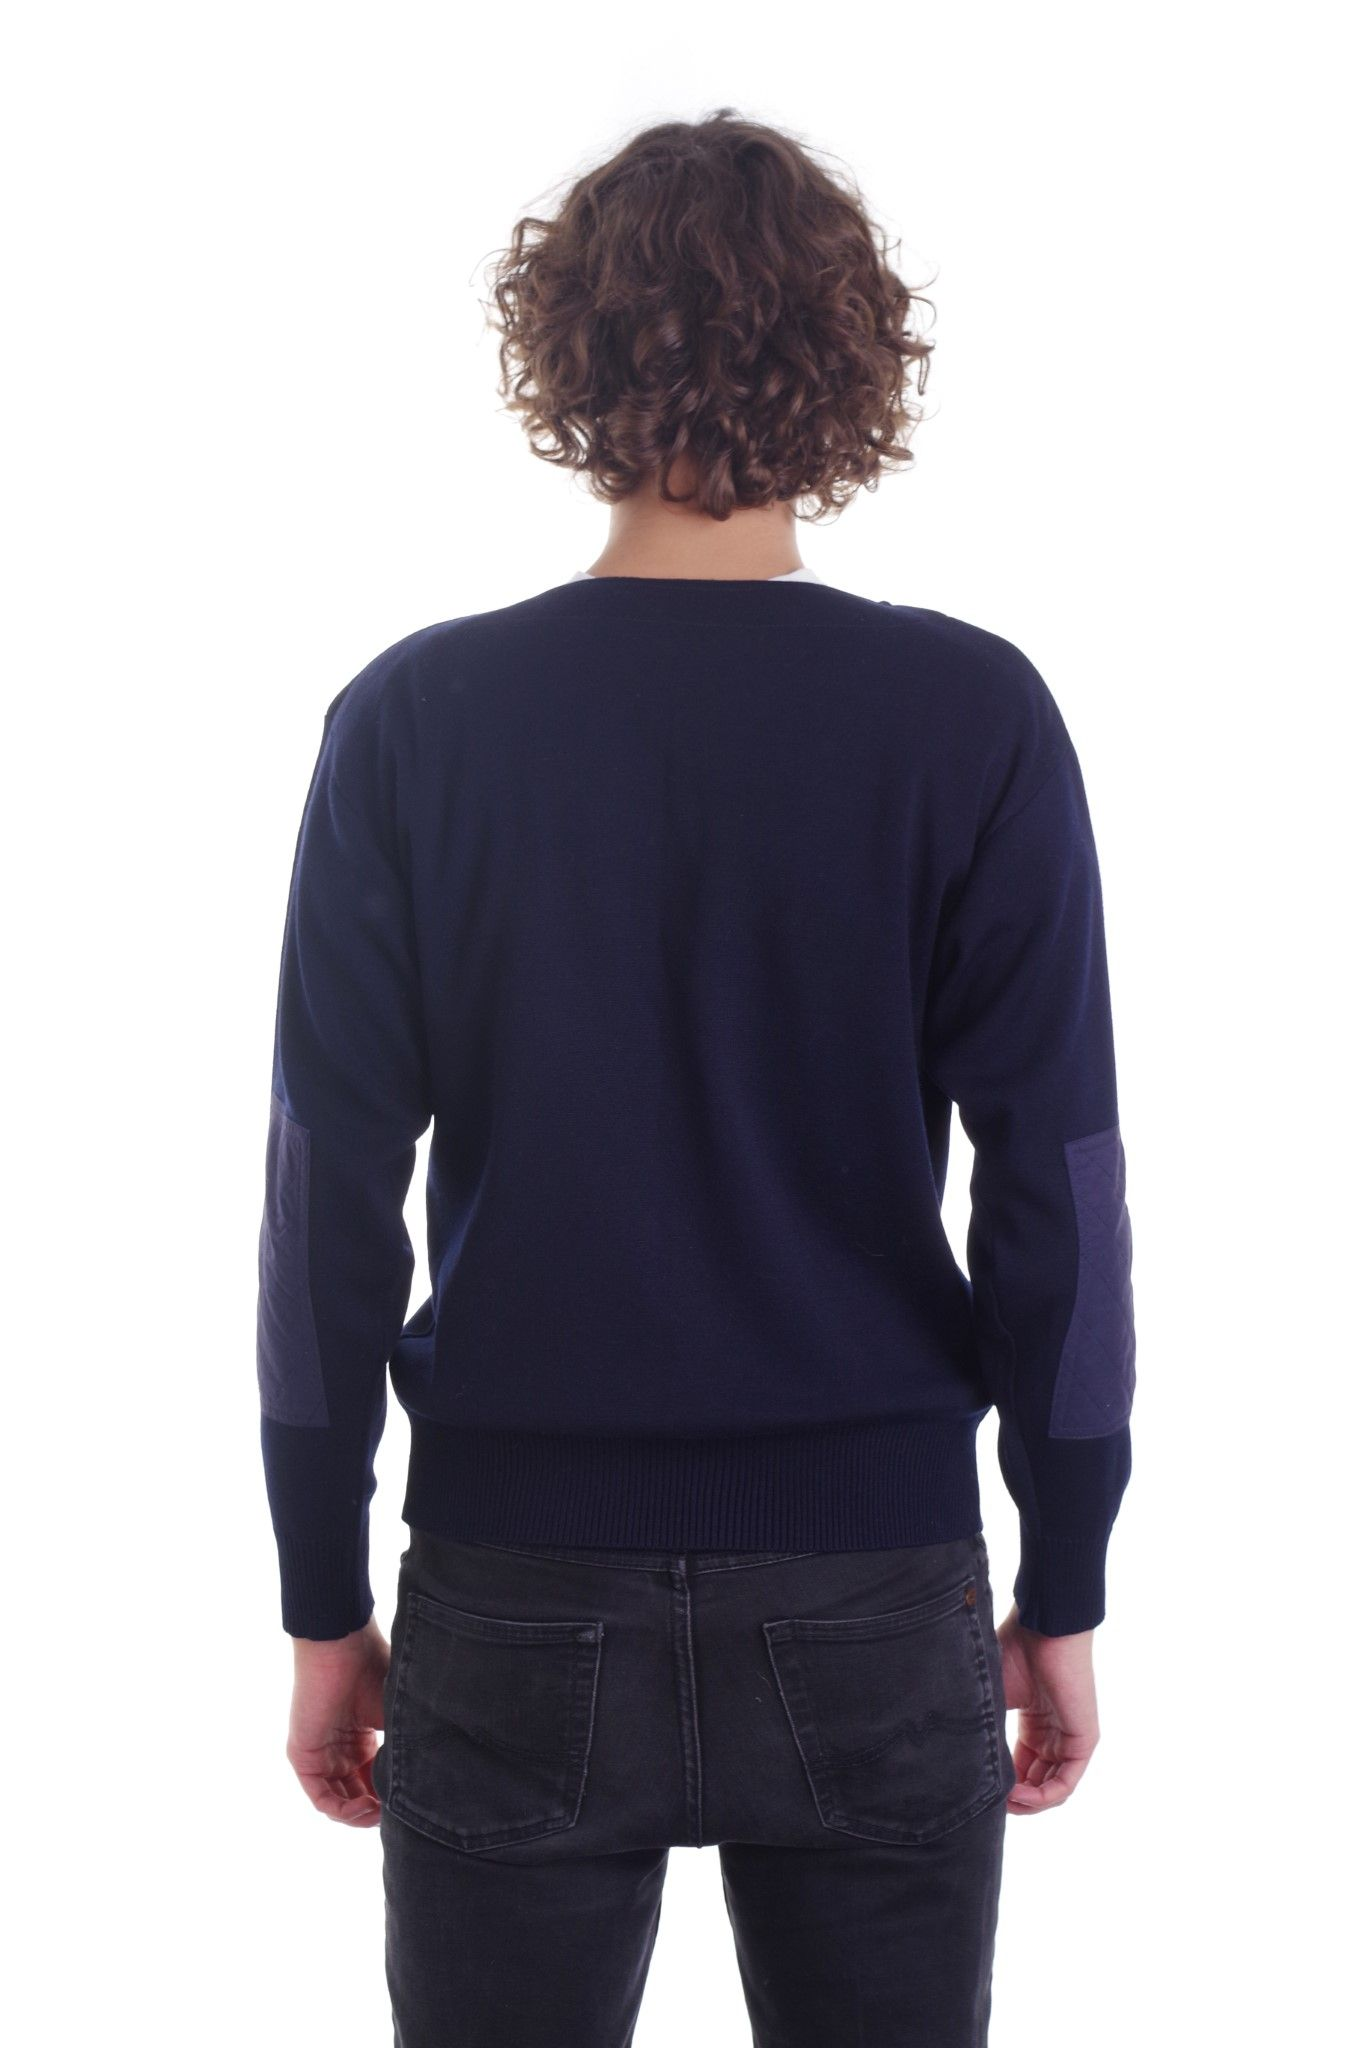 Sweter z zamkiem marki Paul and Shark Yachtin - KEX Vintage Store | JestemSlow.pl